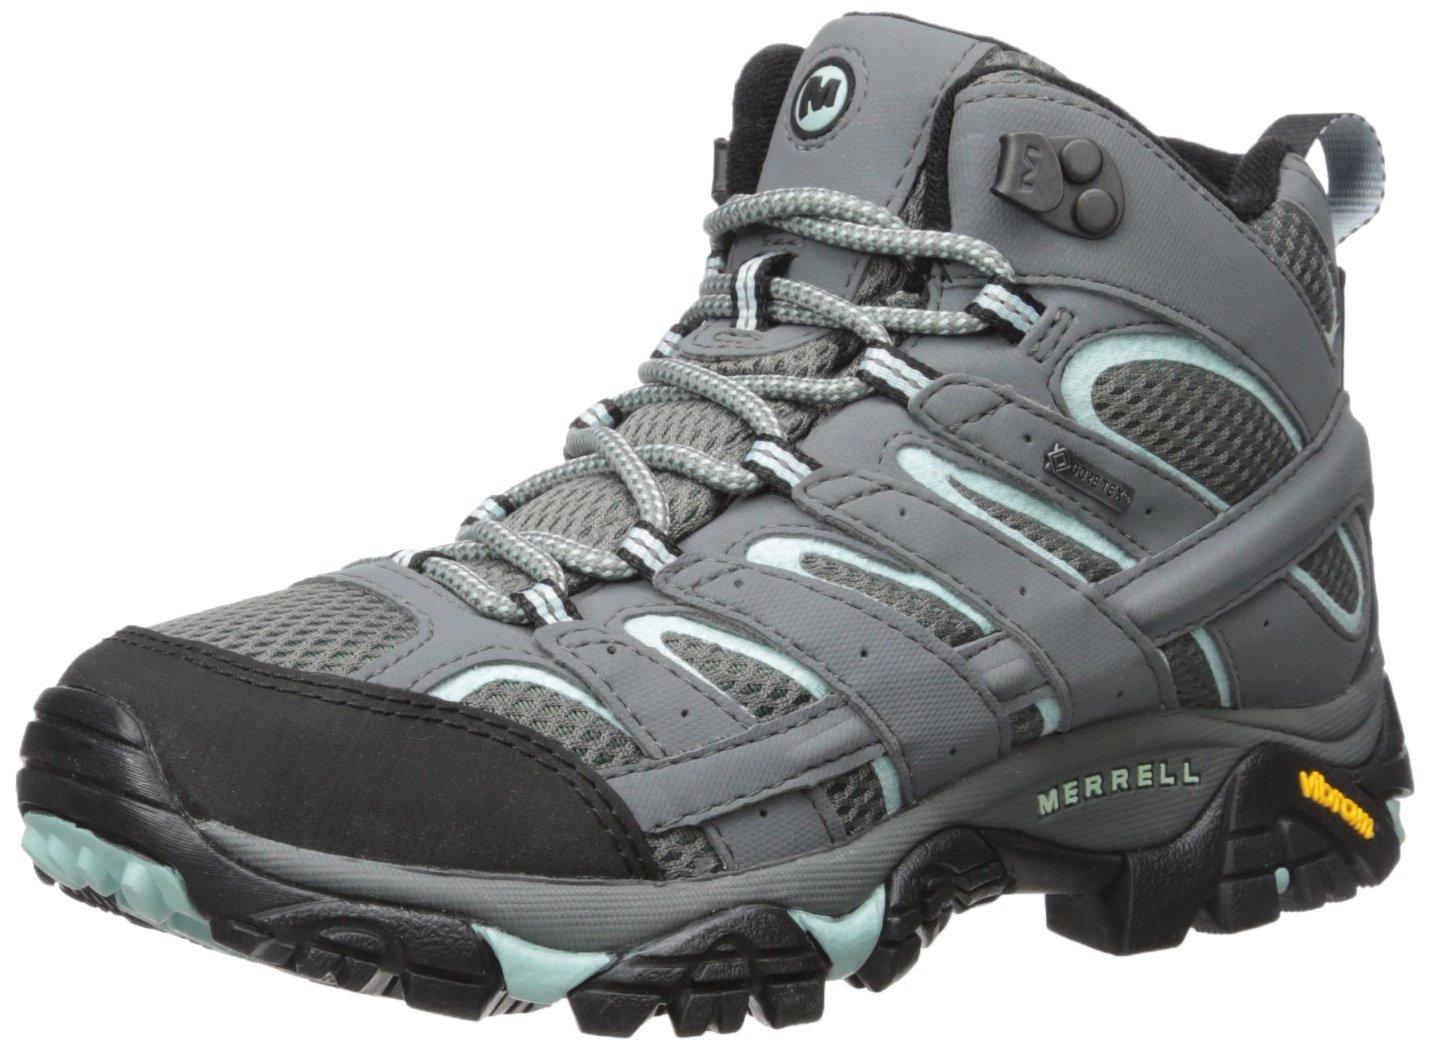 Merrell Women's Moab 2 Mid GTX Hiking Boot B01HFJZMB0 6 W US|Sedona Sage